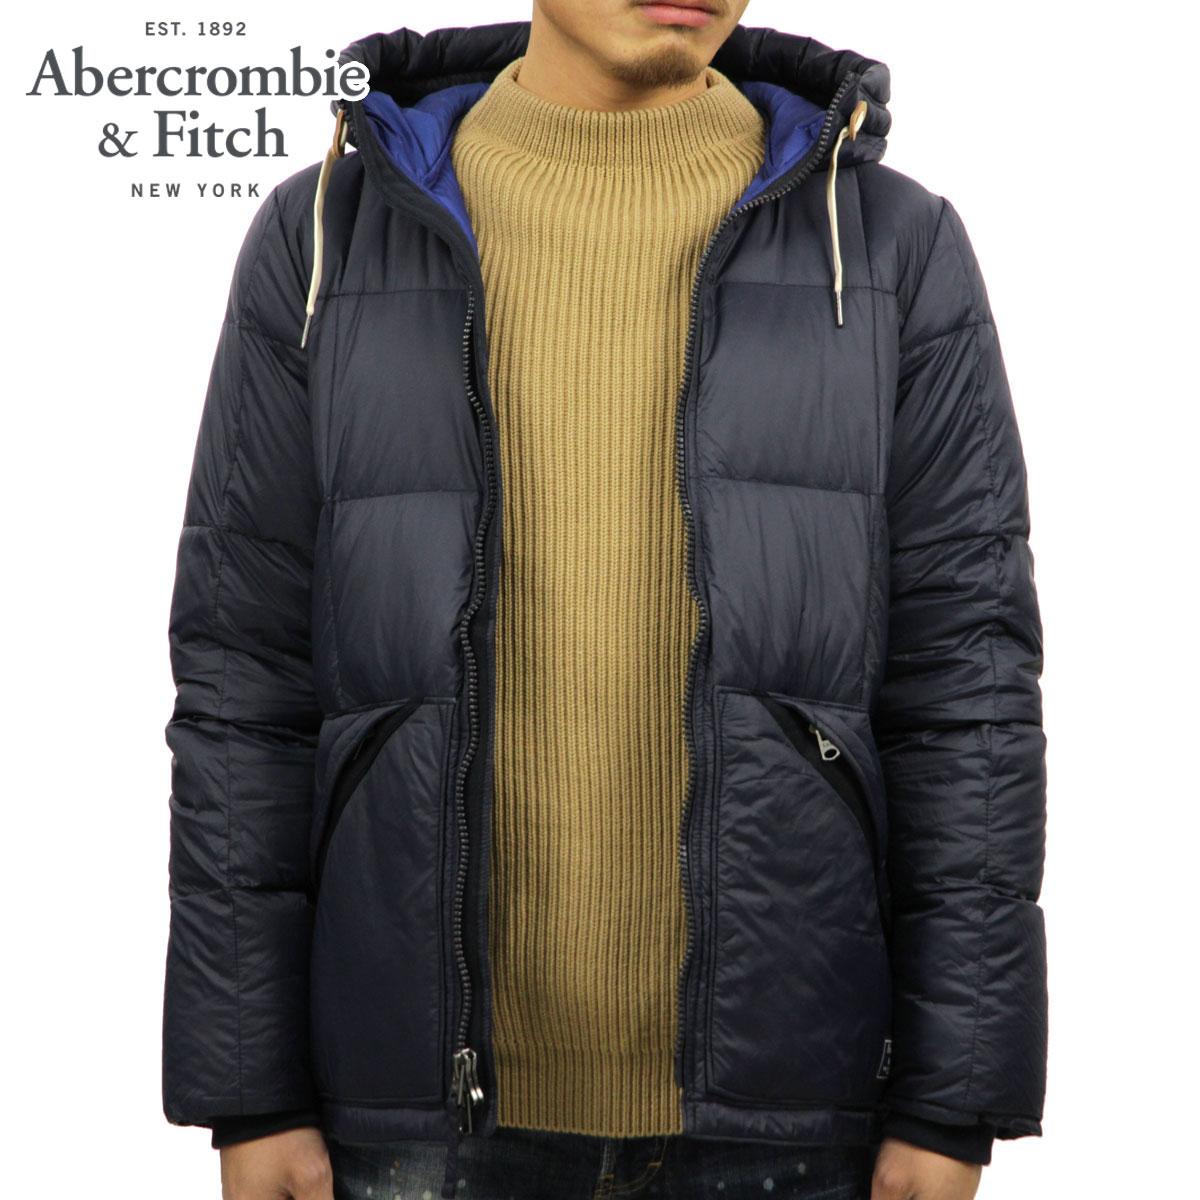 アバクロ Abercrombie&Fitch 正規品 メンズ アウター ダウンジャケット ULTRA PUFFER 132-327-0519-200